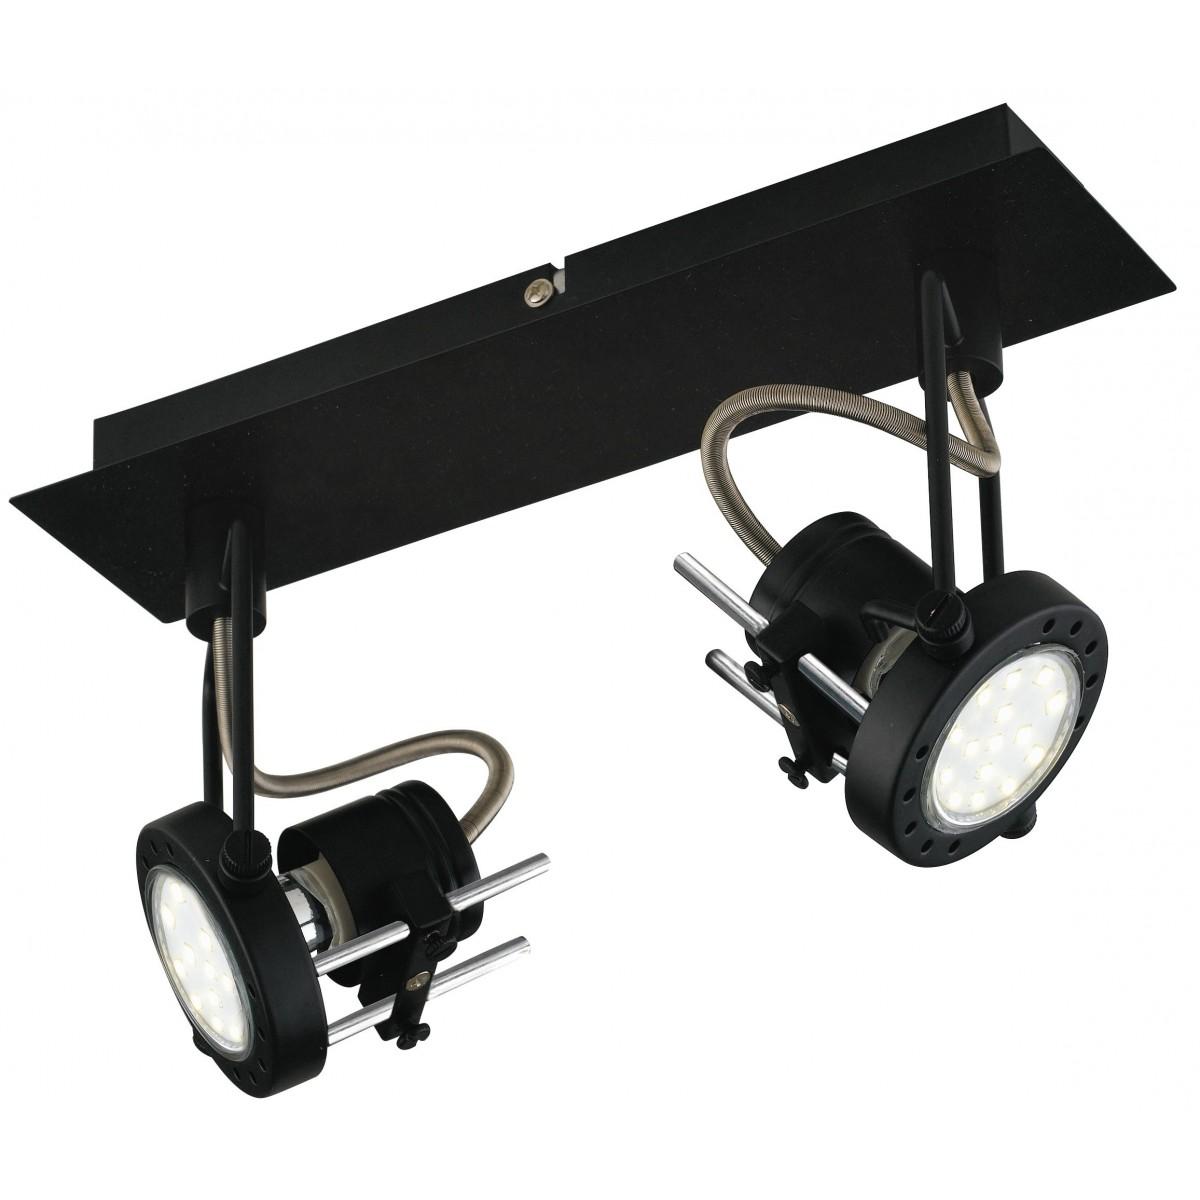 SPOT-TECHNO-2 NER Faretti  lampade Spot in metallo TECHNO con finitura nero satinato 2xGU10 6W LED orientabili